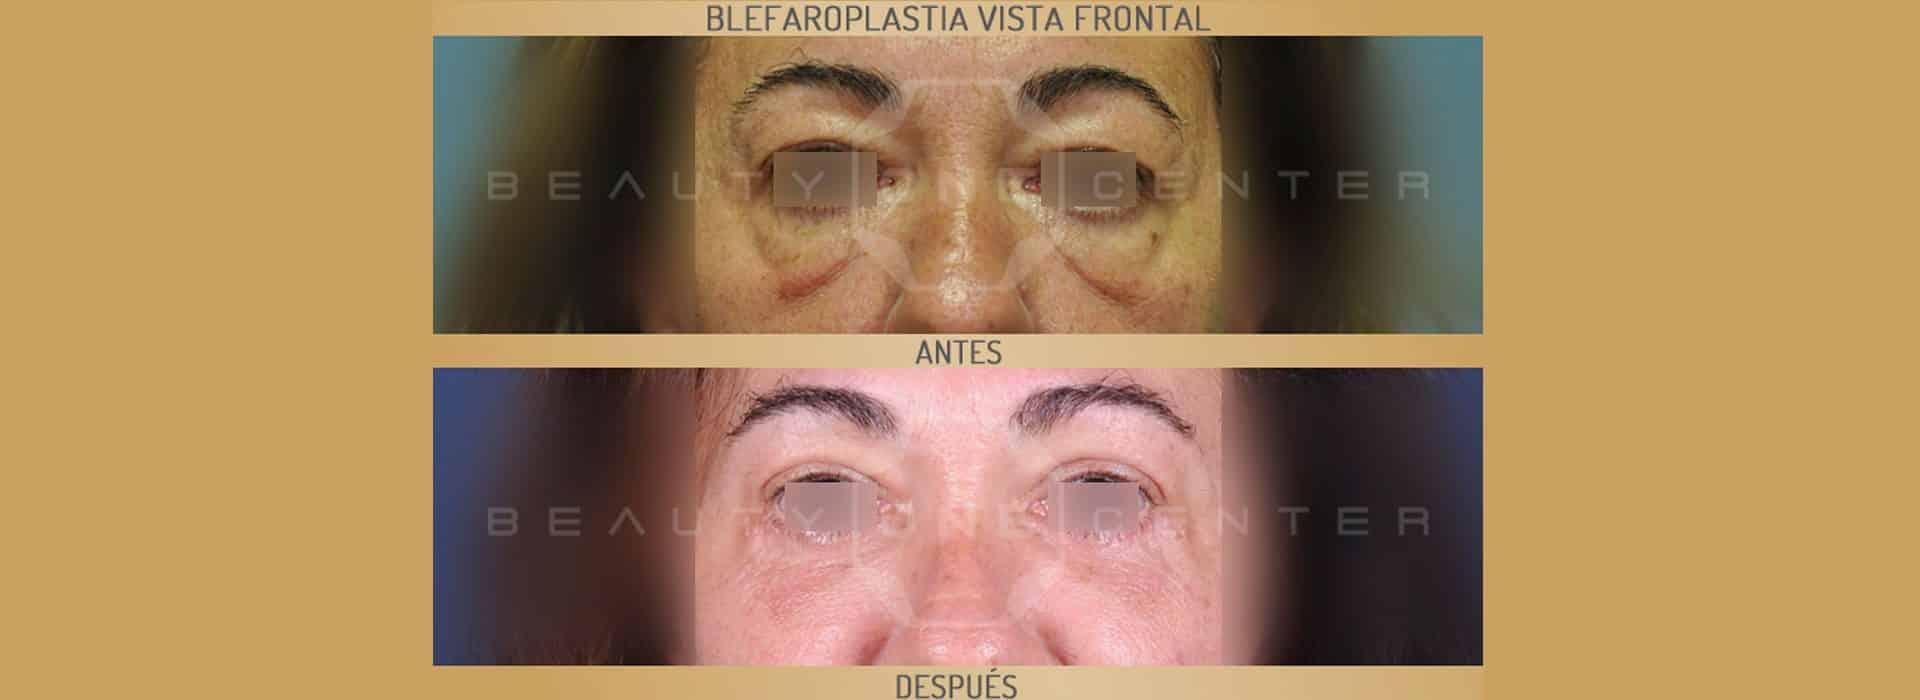 Blefaroplastia: Antes y después de una operación real